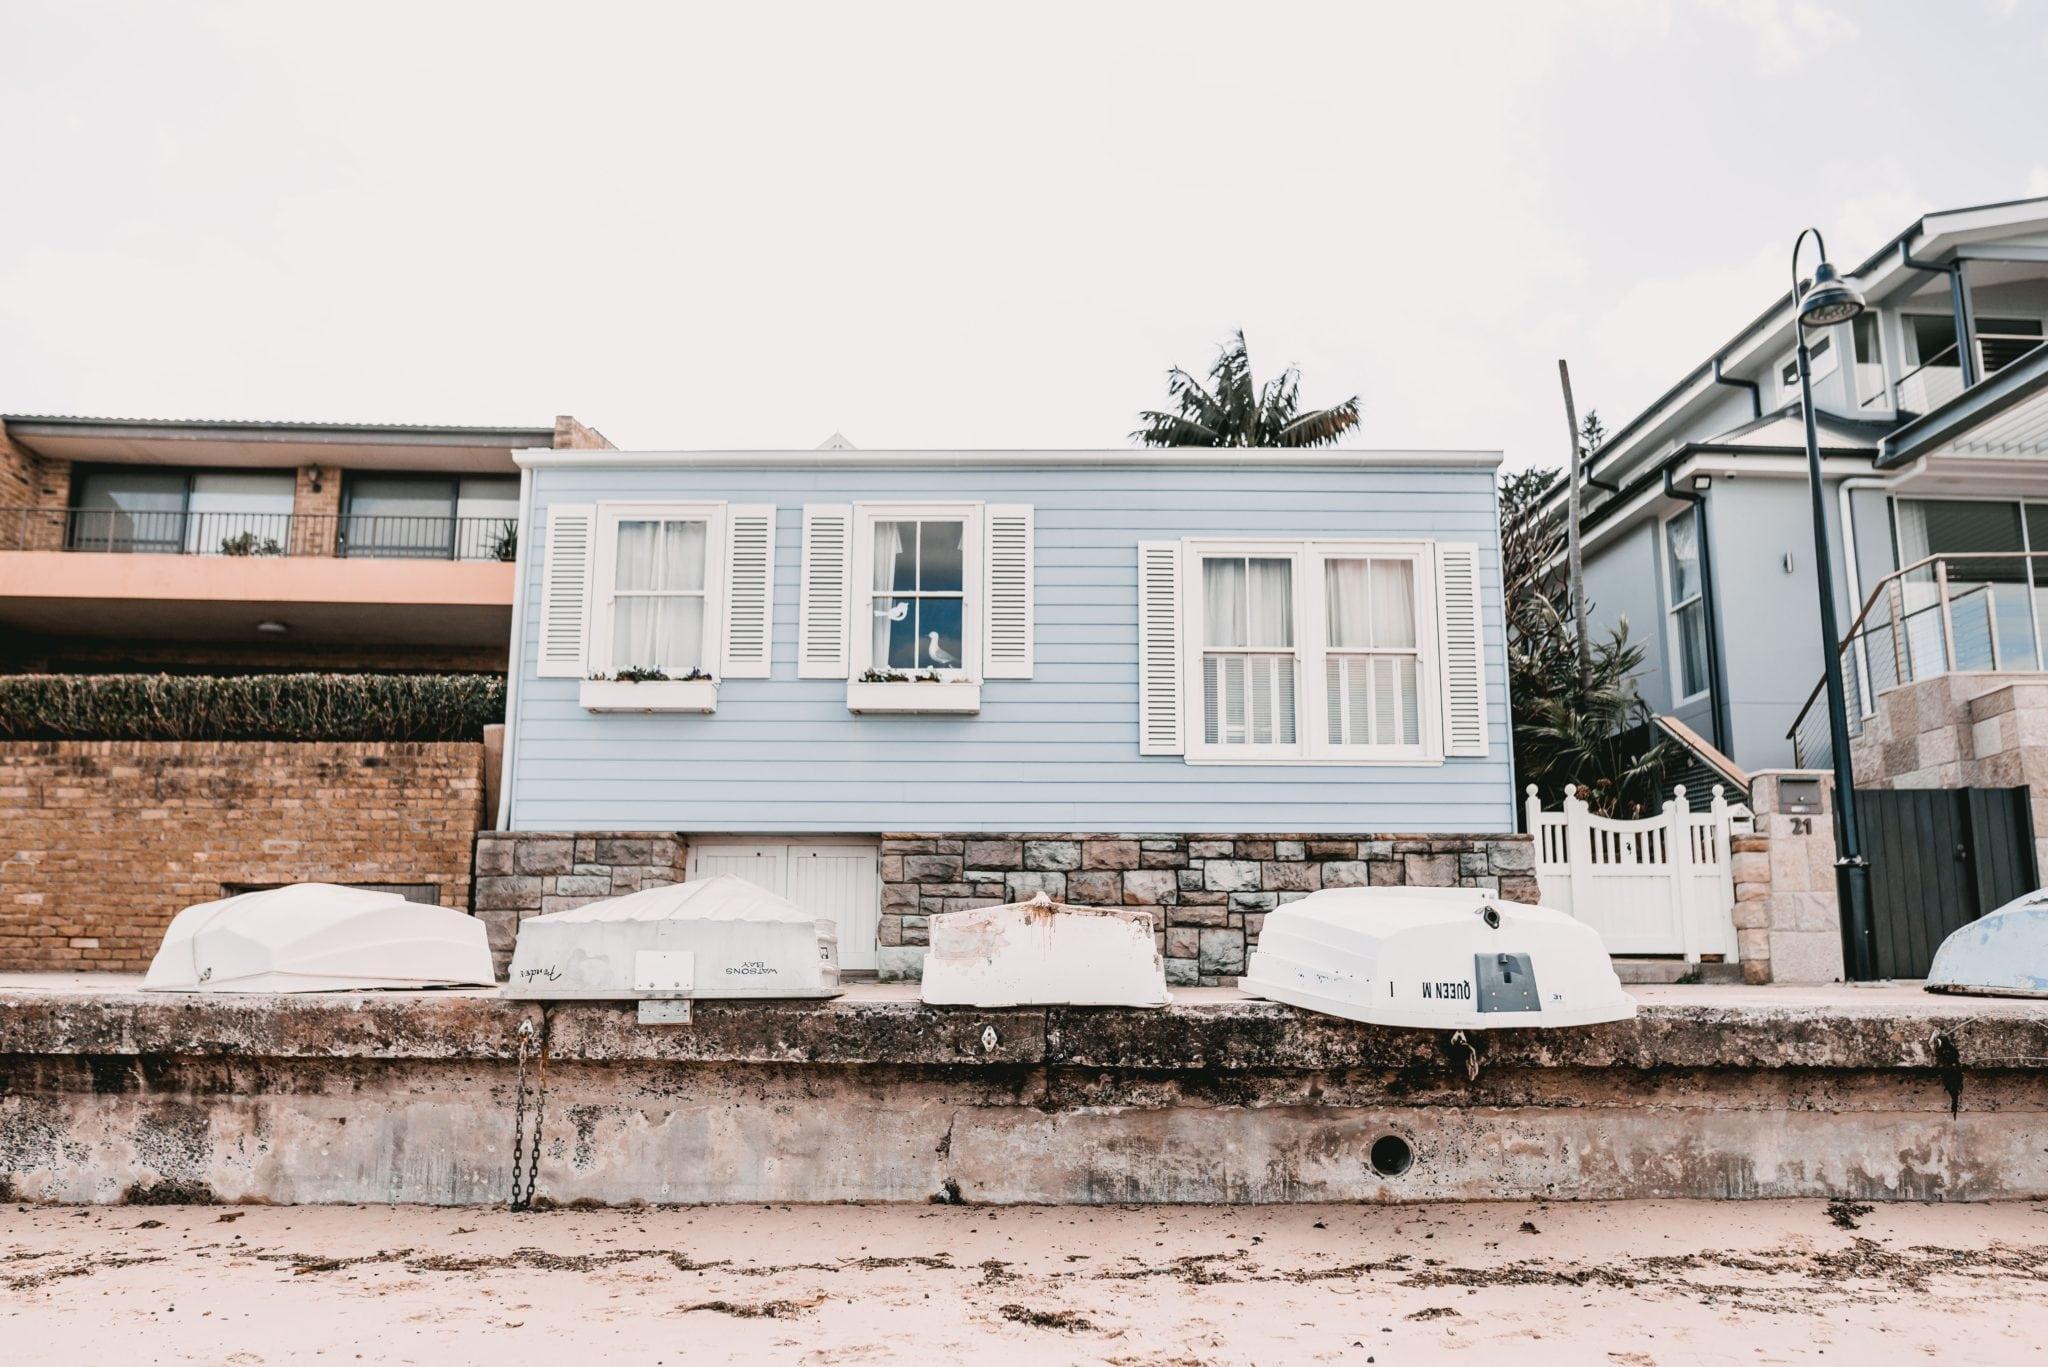 สีทาบ้านที่เป็นมงคล สีทาบ้าน สีถูกโฉลก สีบ้านสวยๆ สีบ้านที่ถูกโฉลกกับปีเกิด สีบ้านถูกโฉลกตามราศี ทาบ้านสีอะไรดี ฮวงจุ้ยสีทาบ้าน